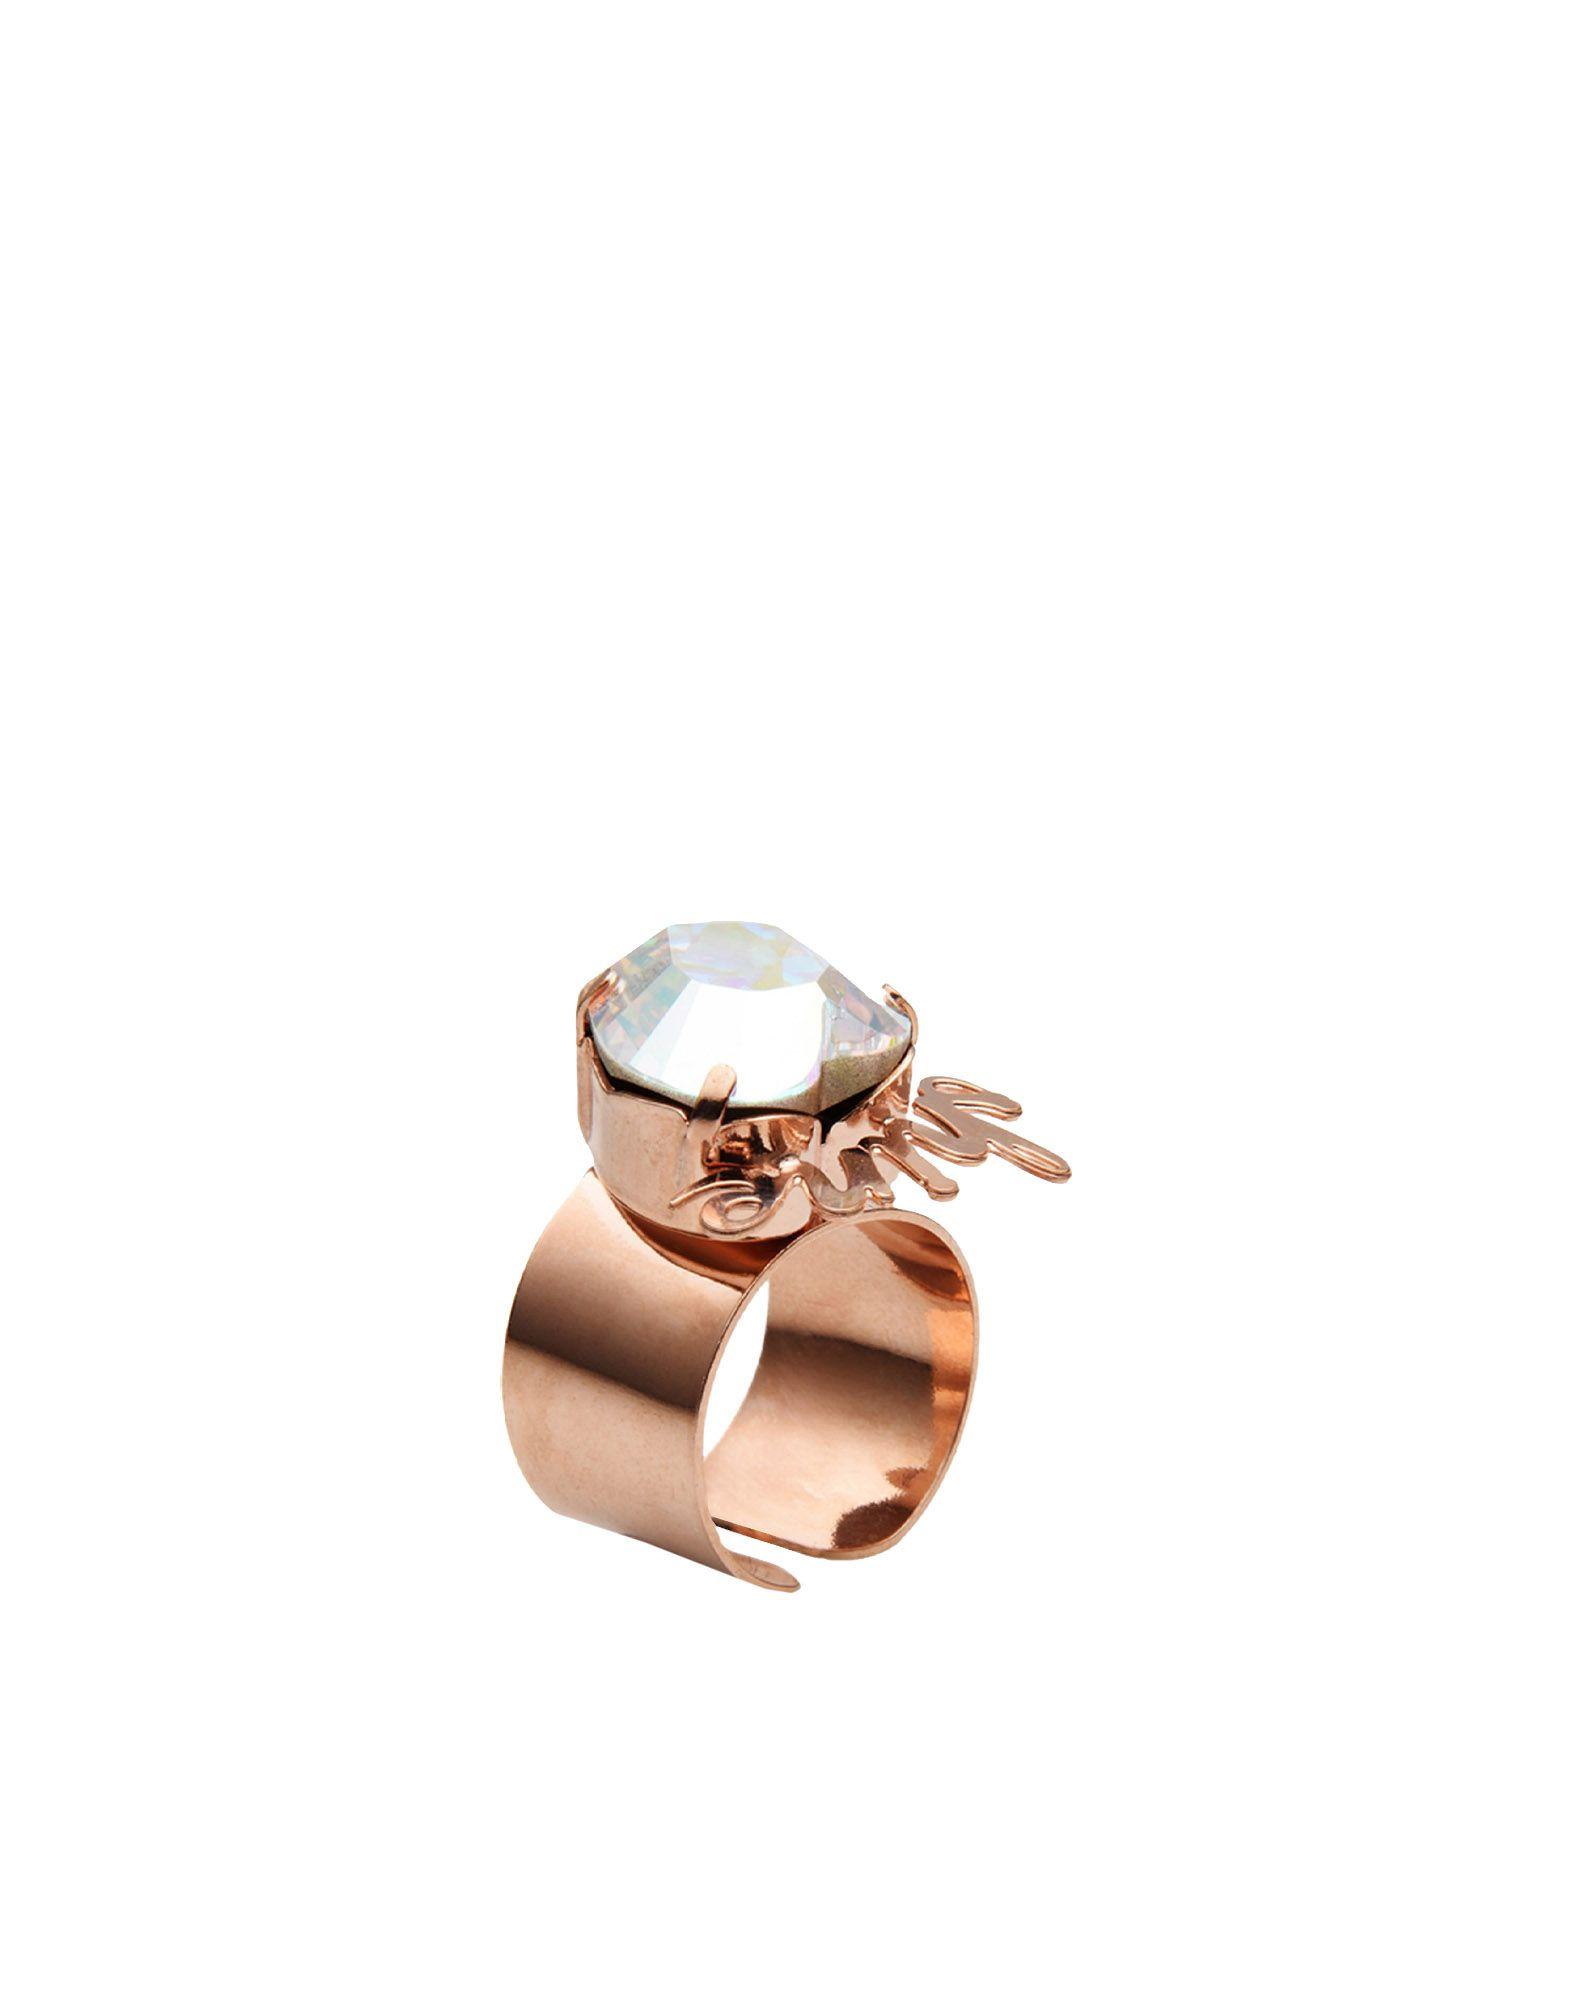 《セール開催中》FIRST PEOPLE FIRST レディース 指輪 クリア one size 真鍮/ブラス / クリスタル ANELLO WORDS LOVE & SHINE